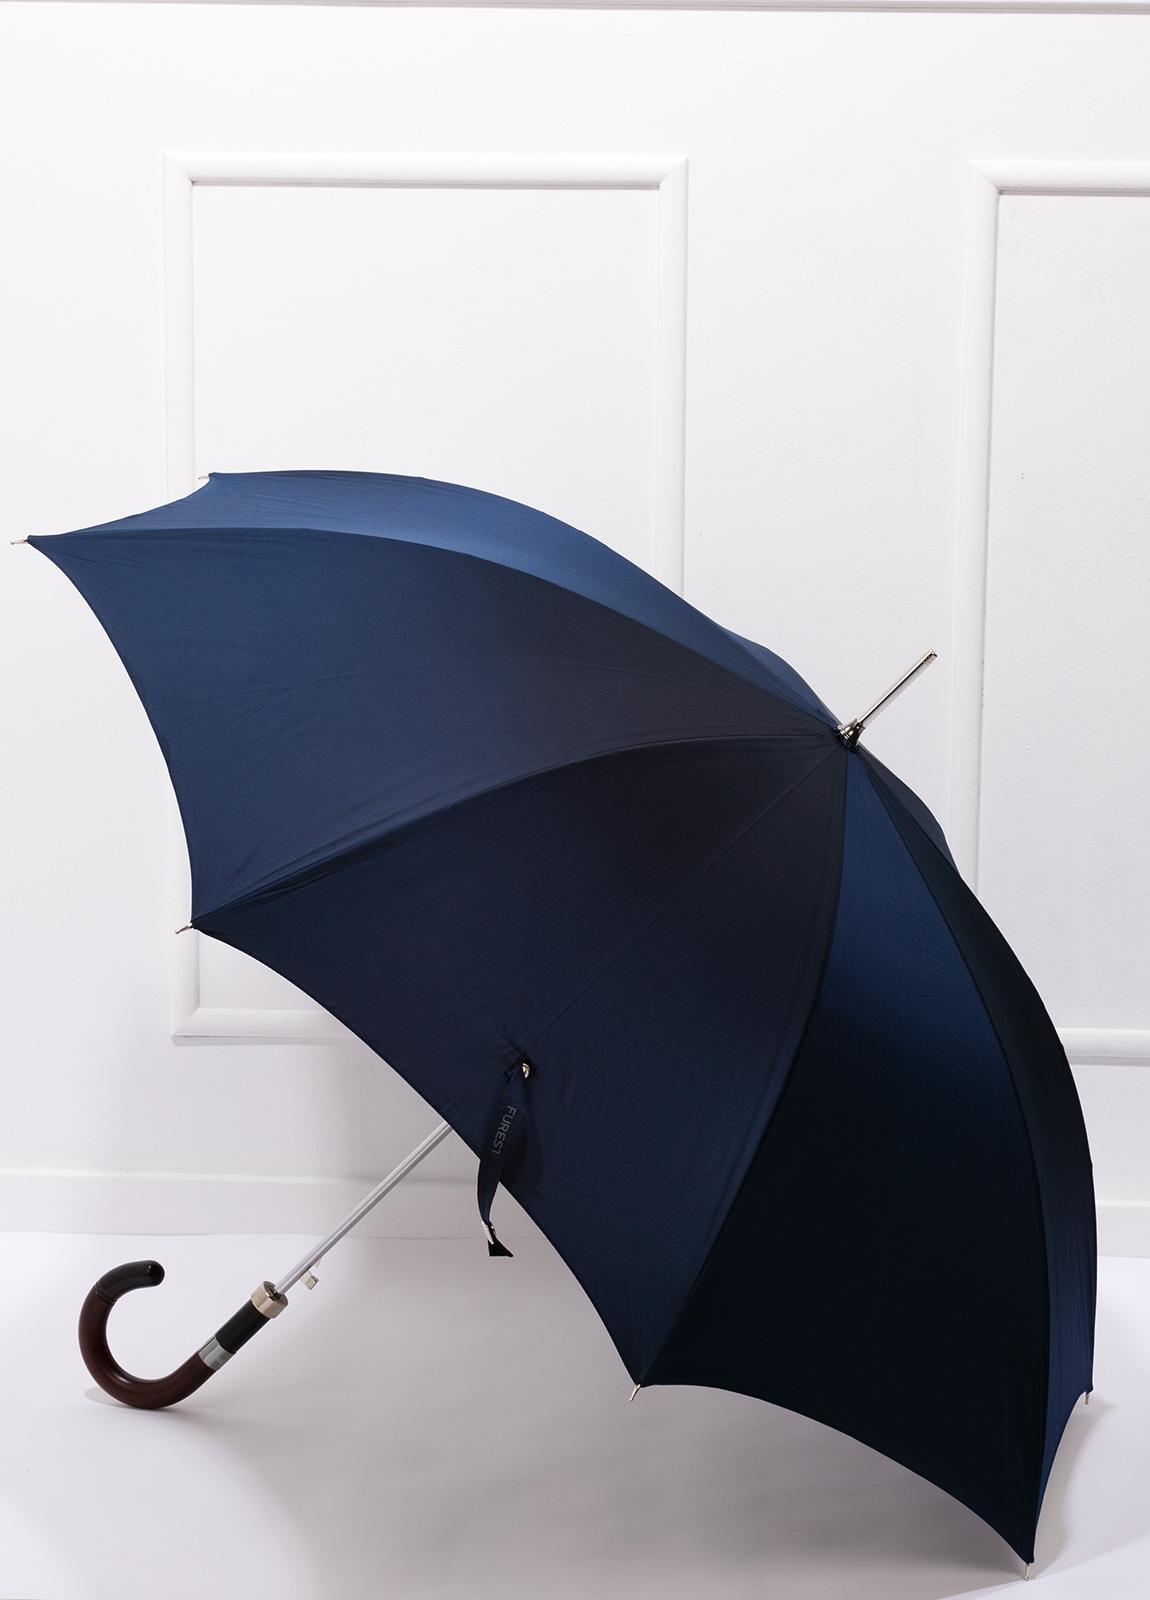 Paraguas con diseño liso color azul marino y puño de madera.